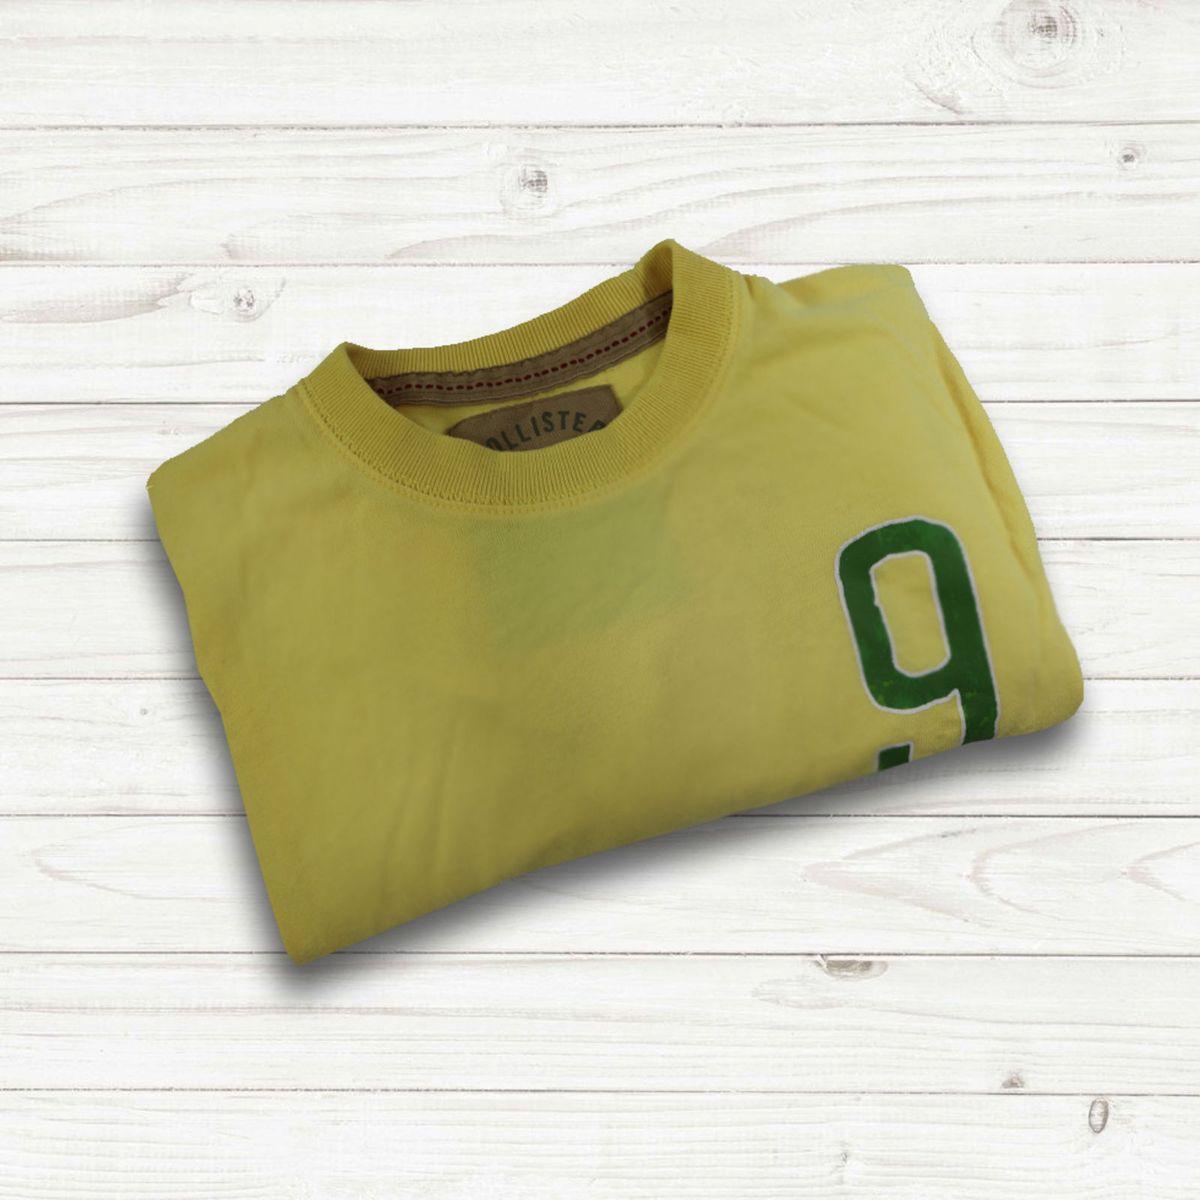 ed6e0a5090 Camiseta Hollister California Amarela